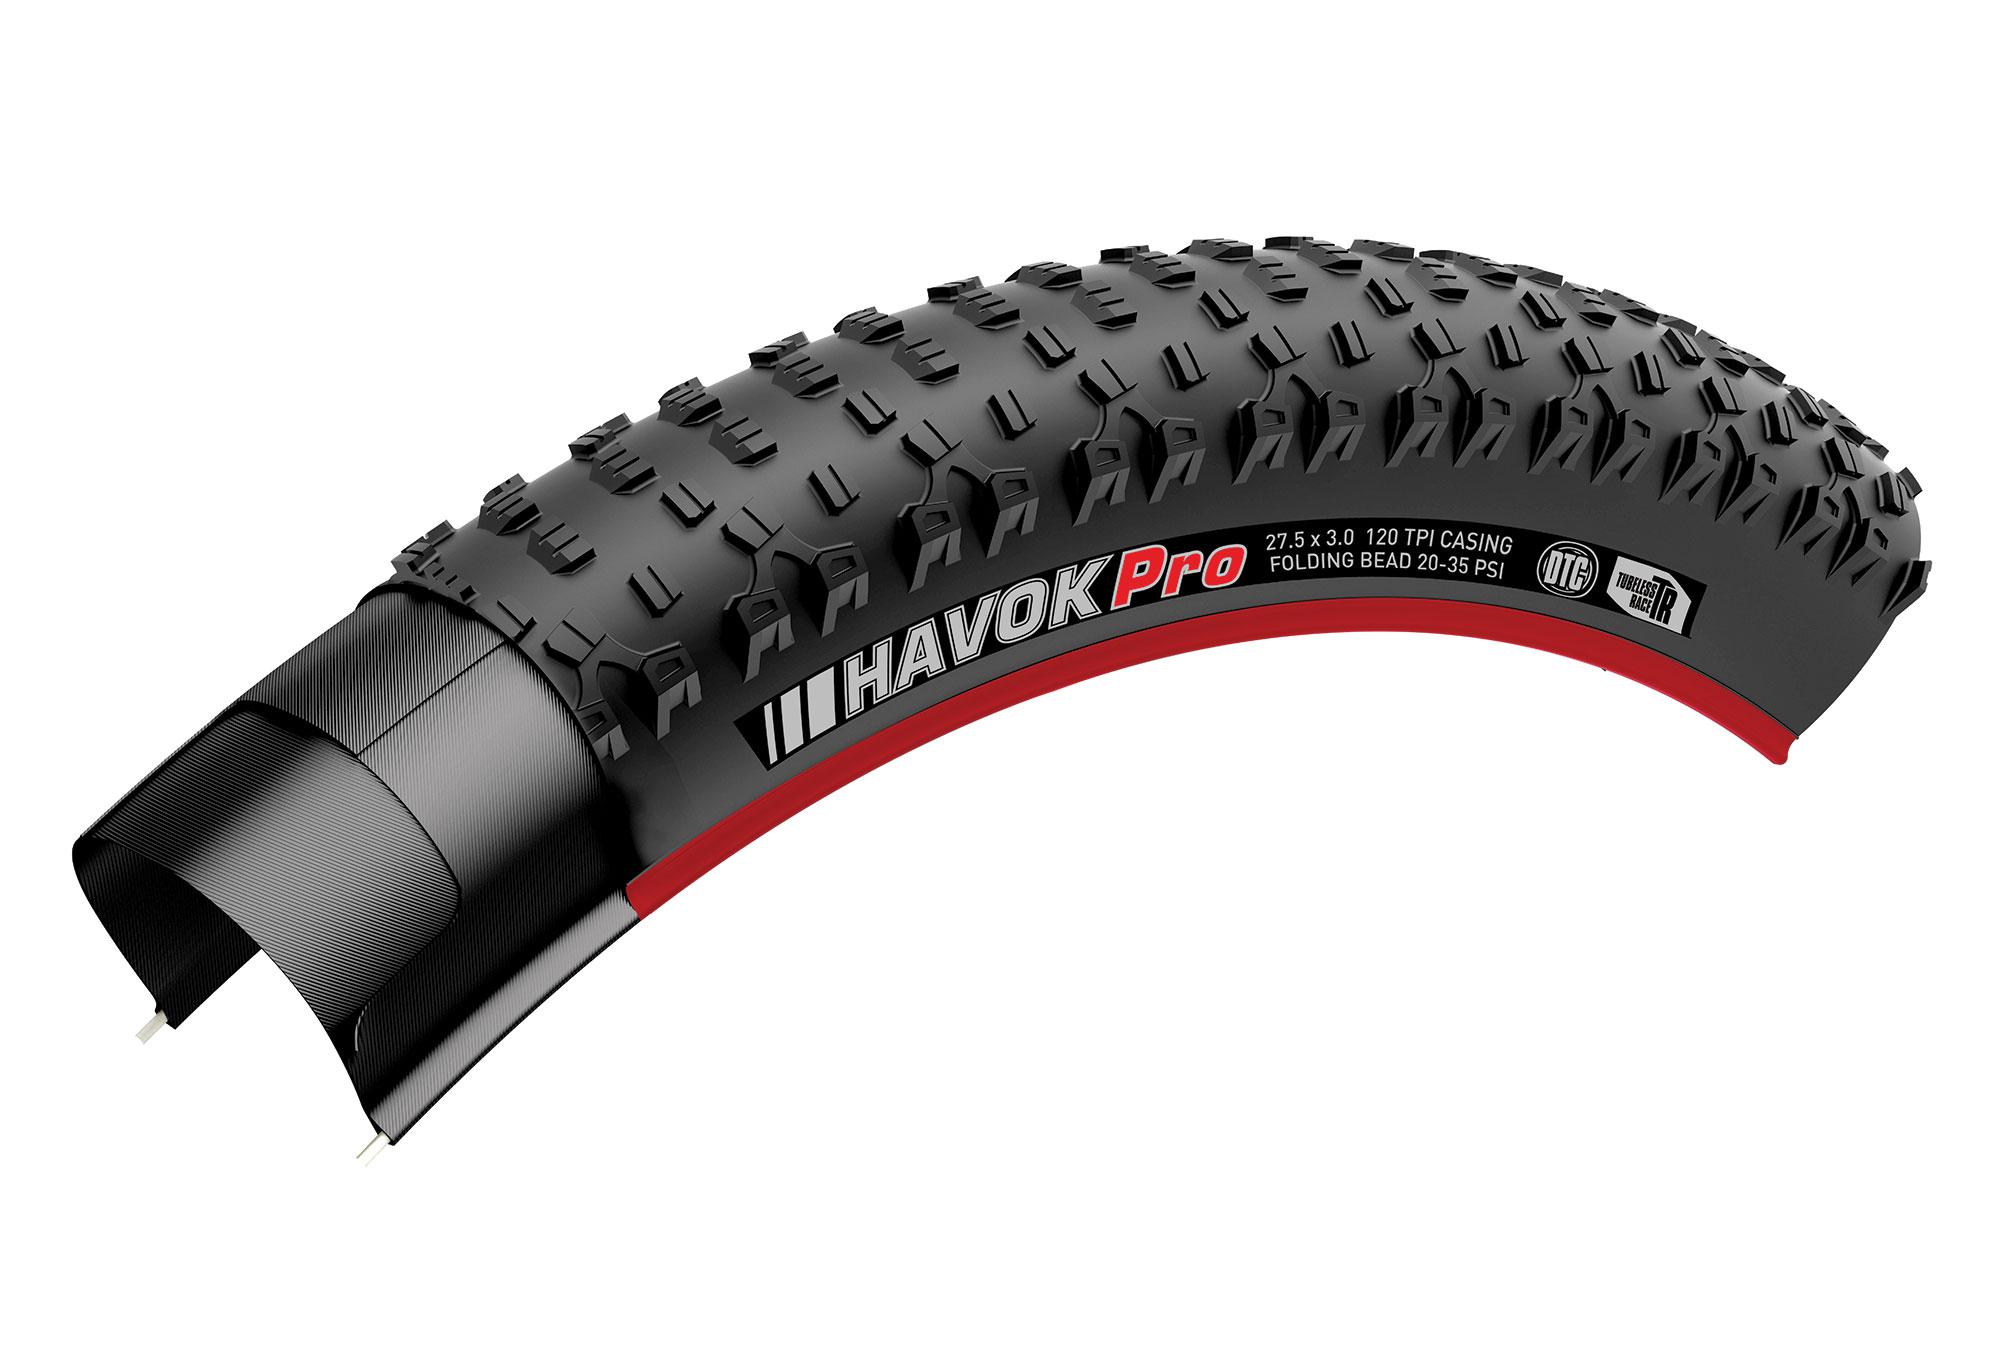 Kenda Tires Bicycle Havok Pro Mountain Bike Tires